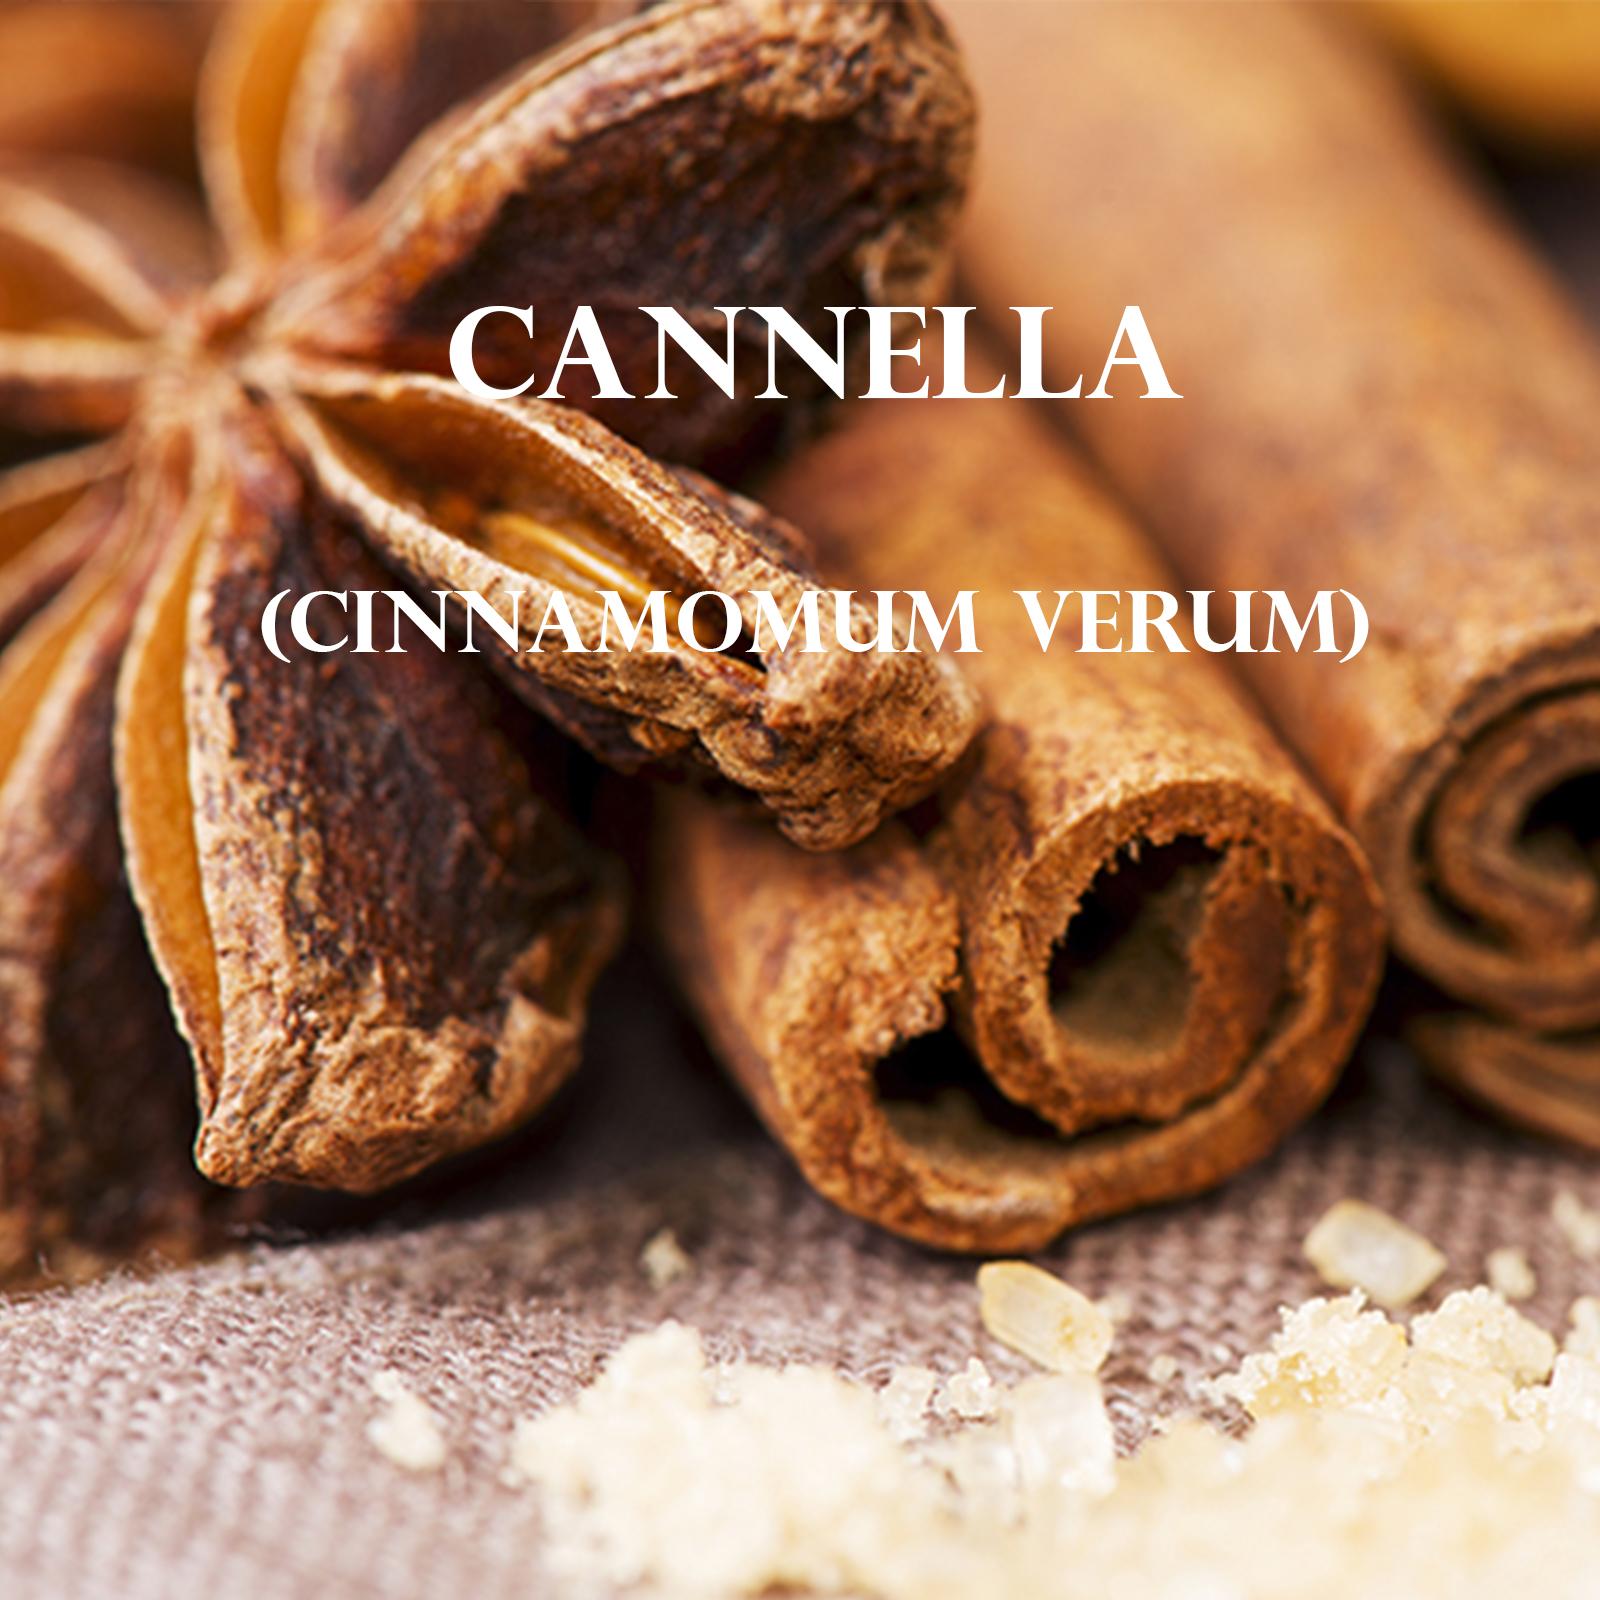 Cannella (Cinnamomum Verum)